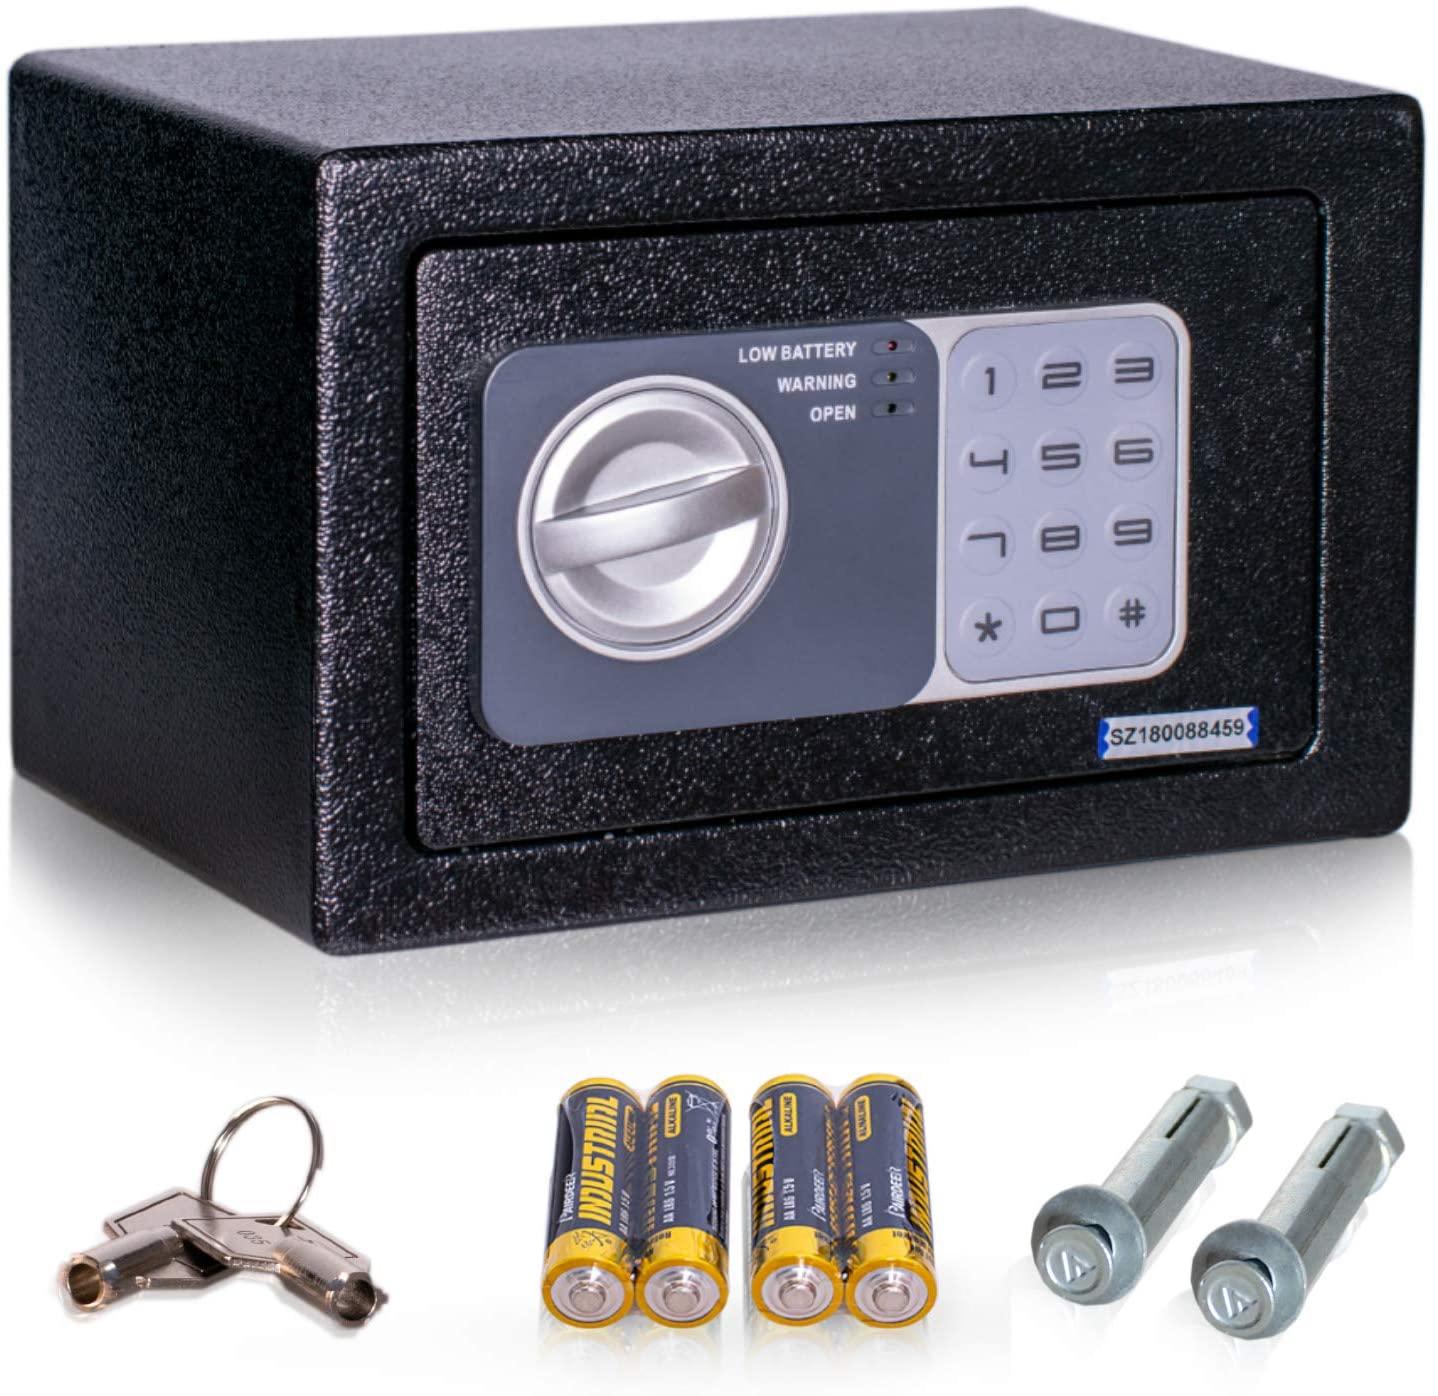 nadol Tresor Basic, Elektronischer-Safe mit Zahlenschloss und Schlüssel, Möbeltresor, Doppelbolzen Verriegelung, Mini-Tresor, Wandtresor, Stahl-Safe 14,8×22,8×17cm